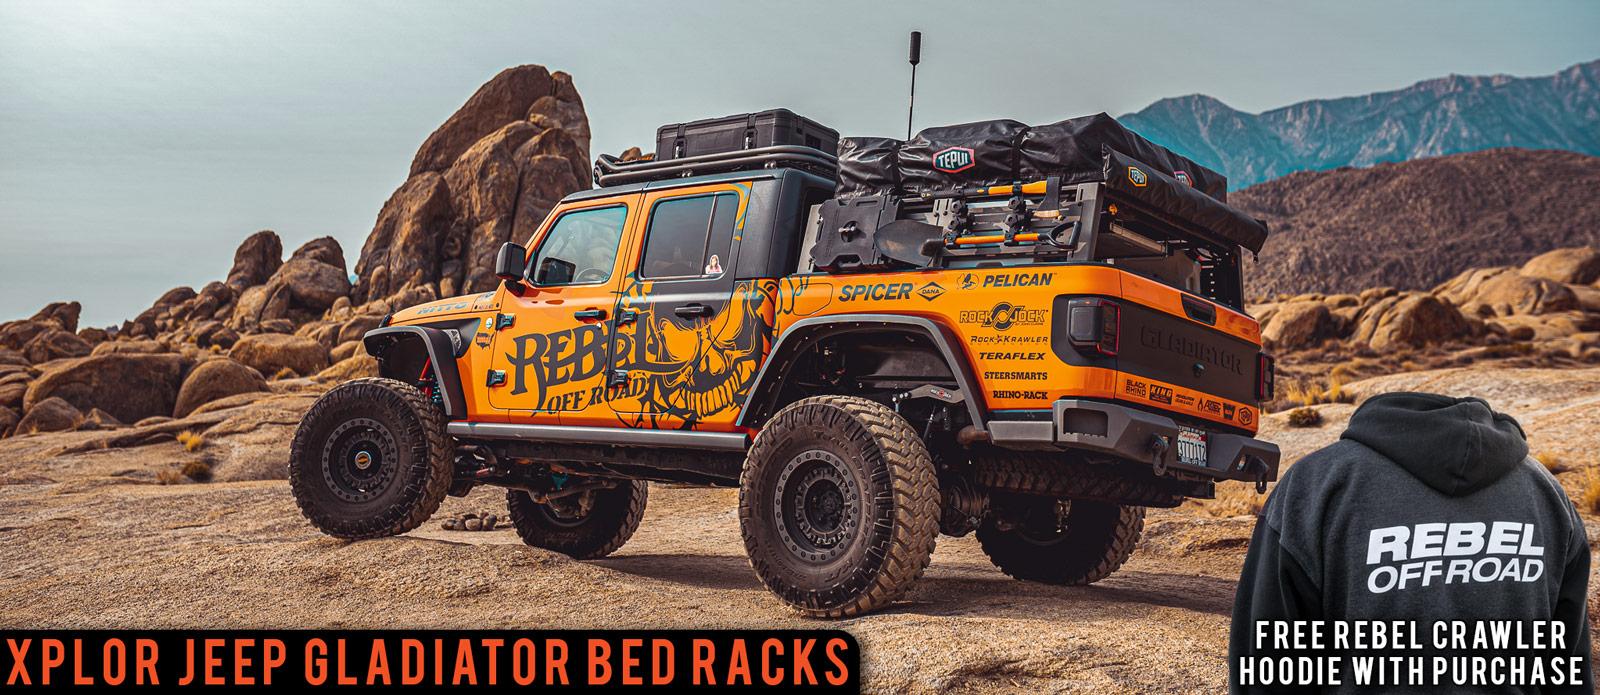 XPLOR Jeep Gladiator Bed Rack Free Rebel hoodie